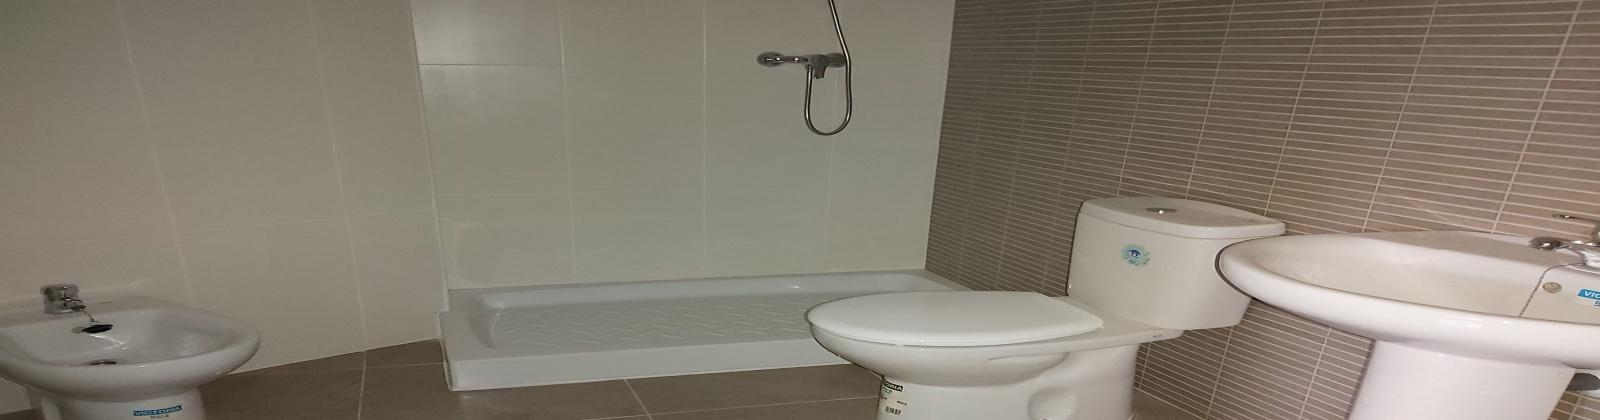 baño Alcañiz